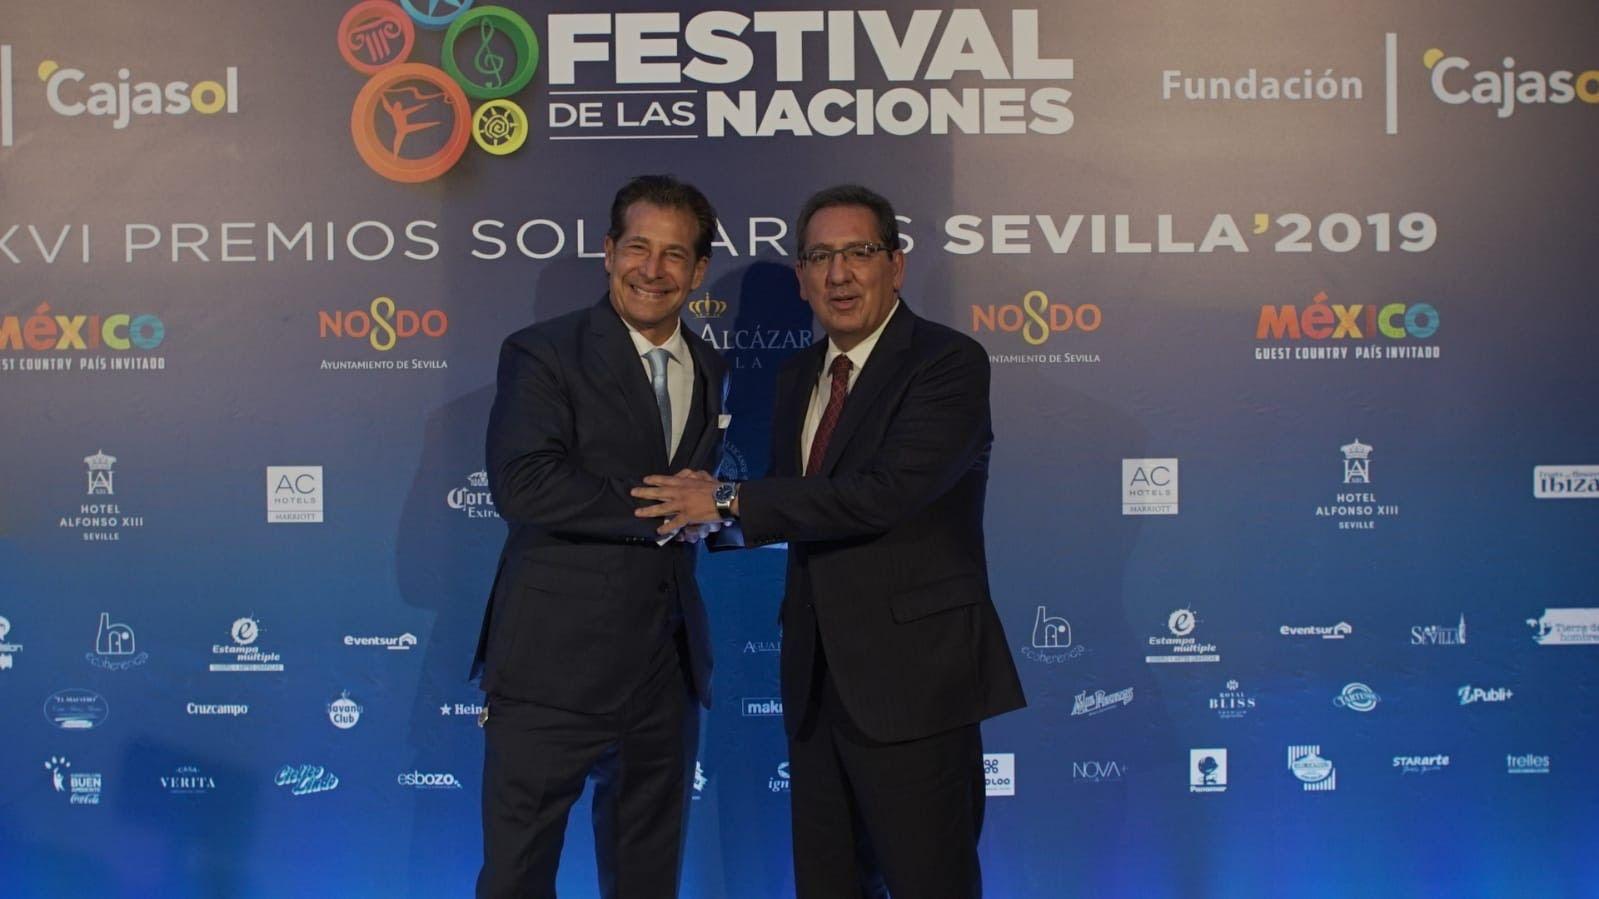 Fundacion Cajasol Festival de las Naciones